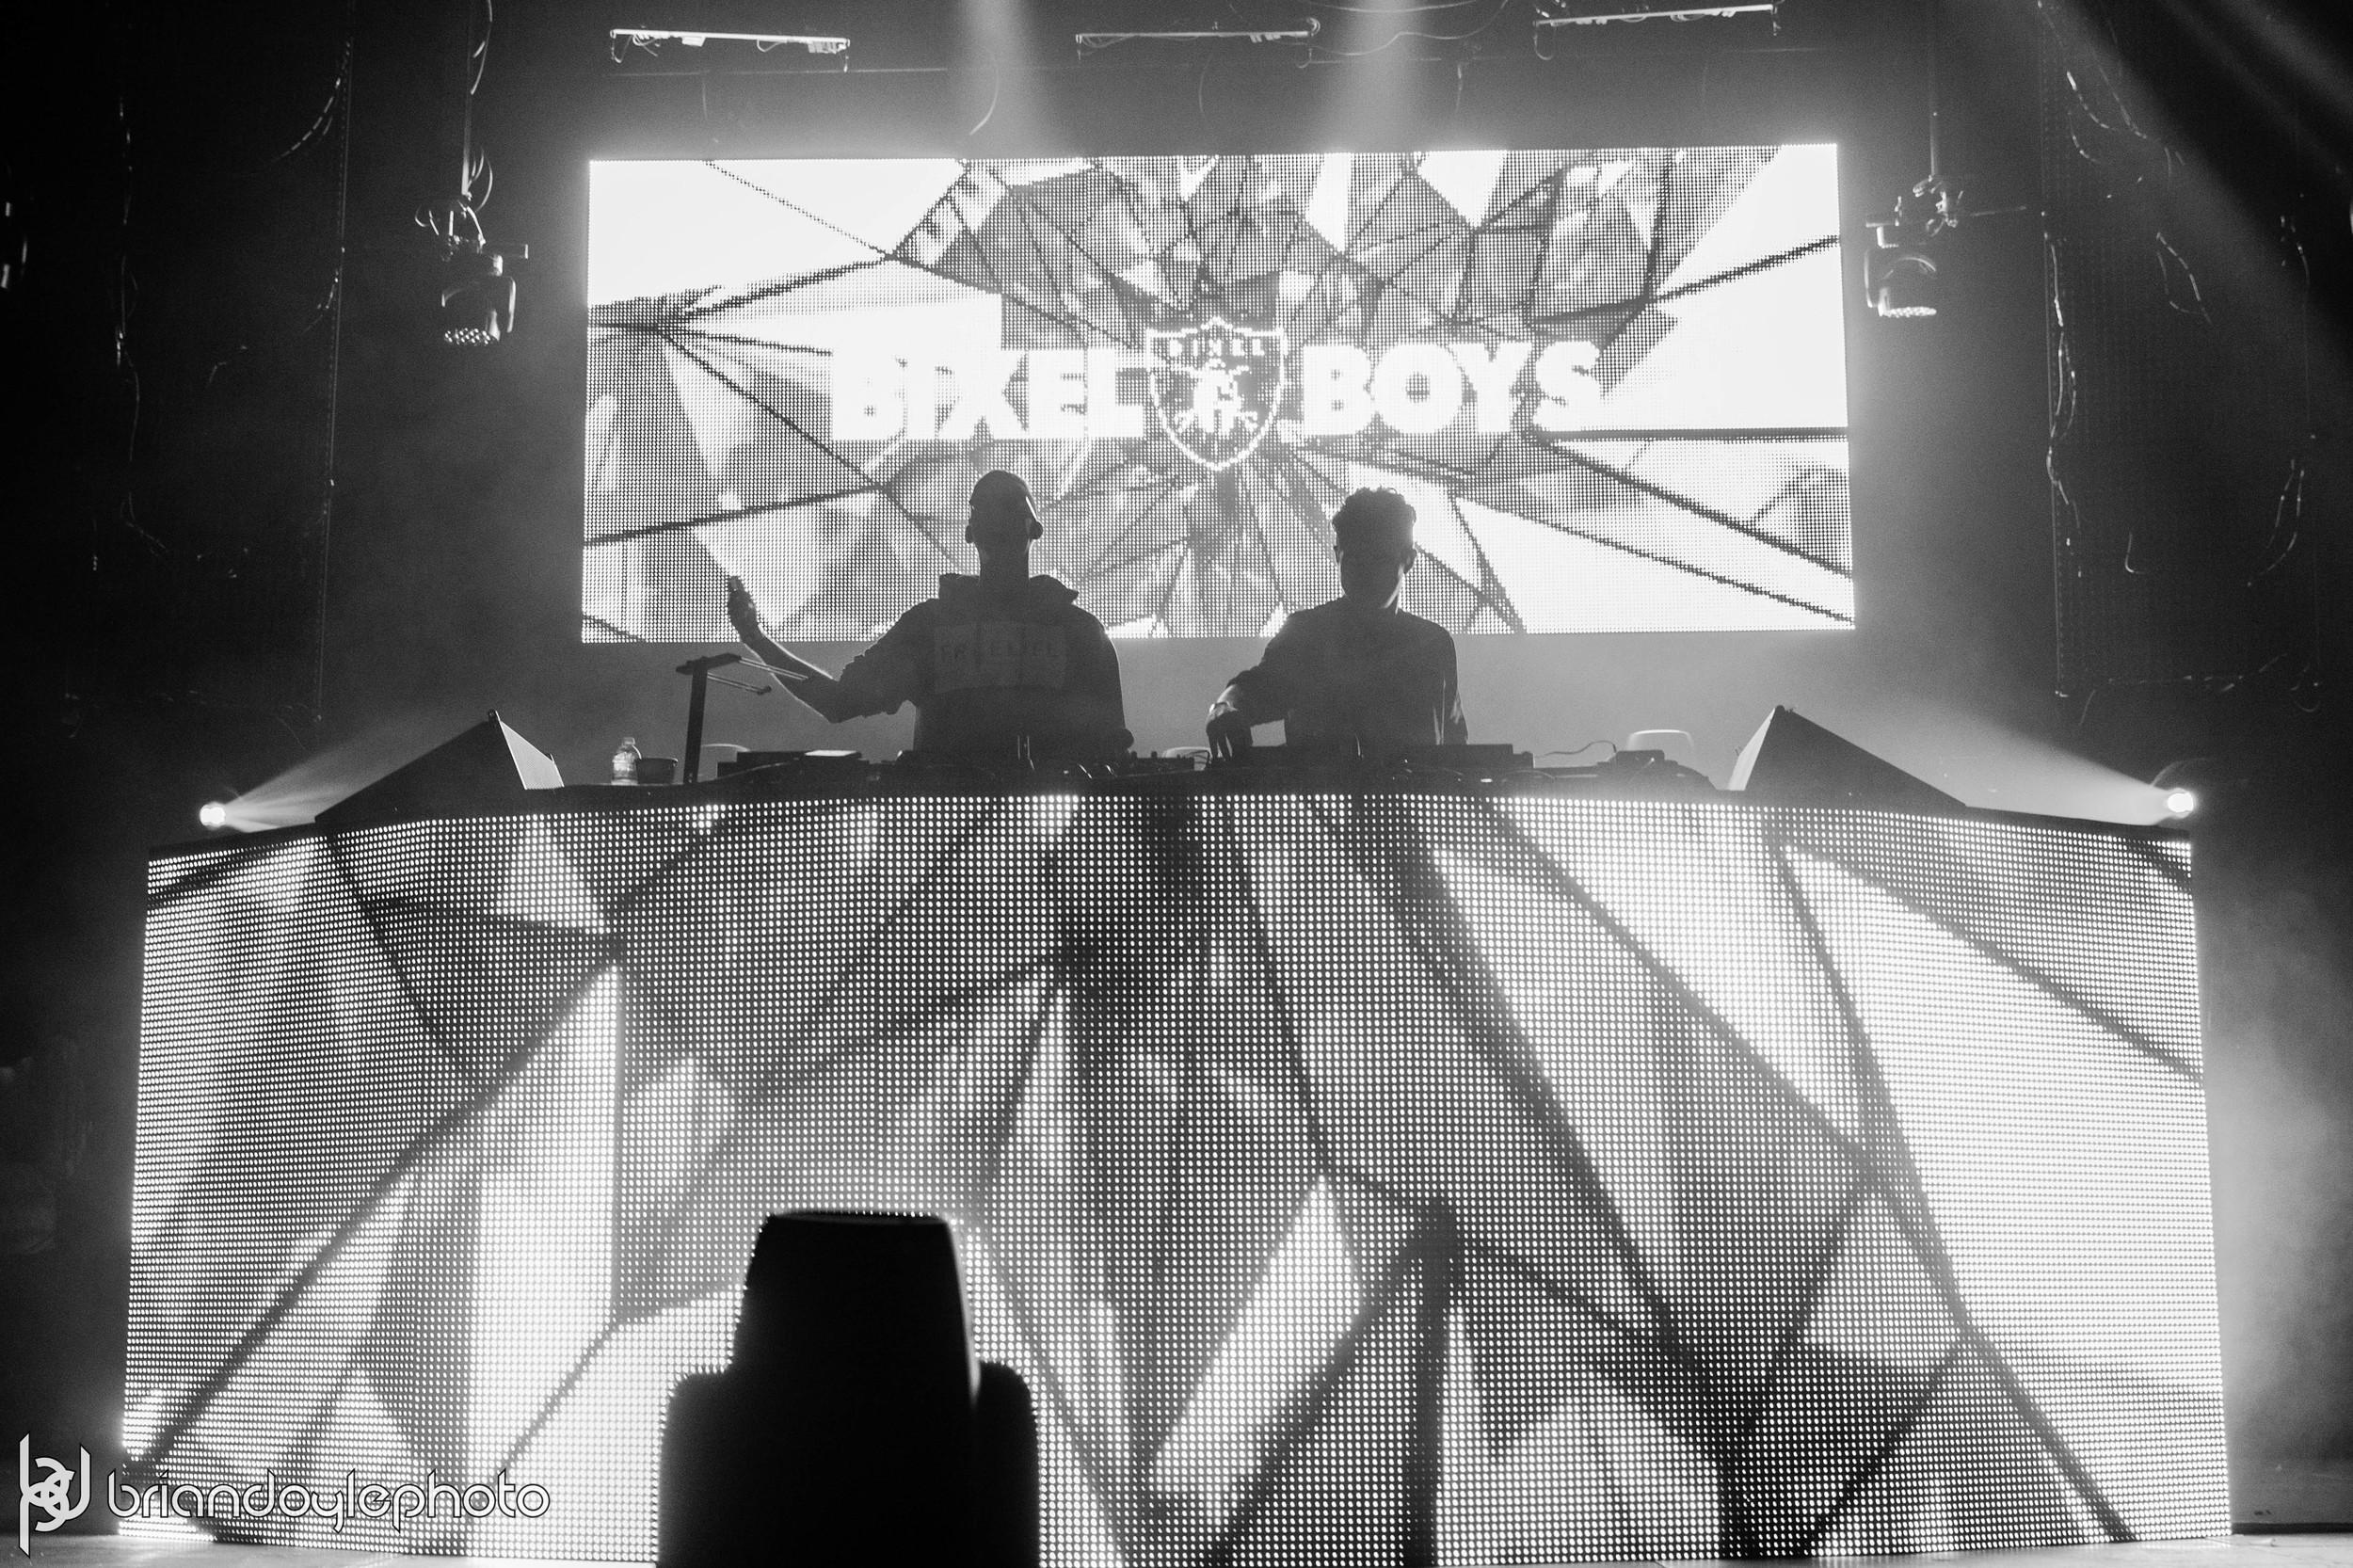 OMFG NYE 2015 LA - Deorro, Madeon, What So Not, Ookay, Paris Blohm, Bixel Boys 2014.12.30 -1.jpg